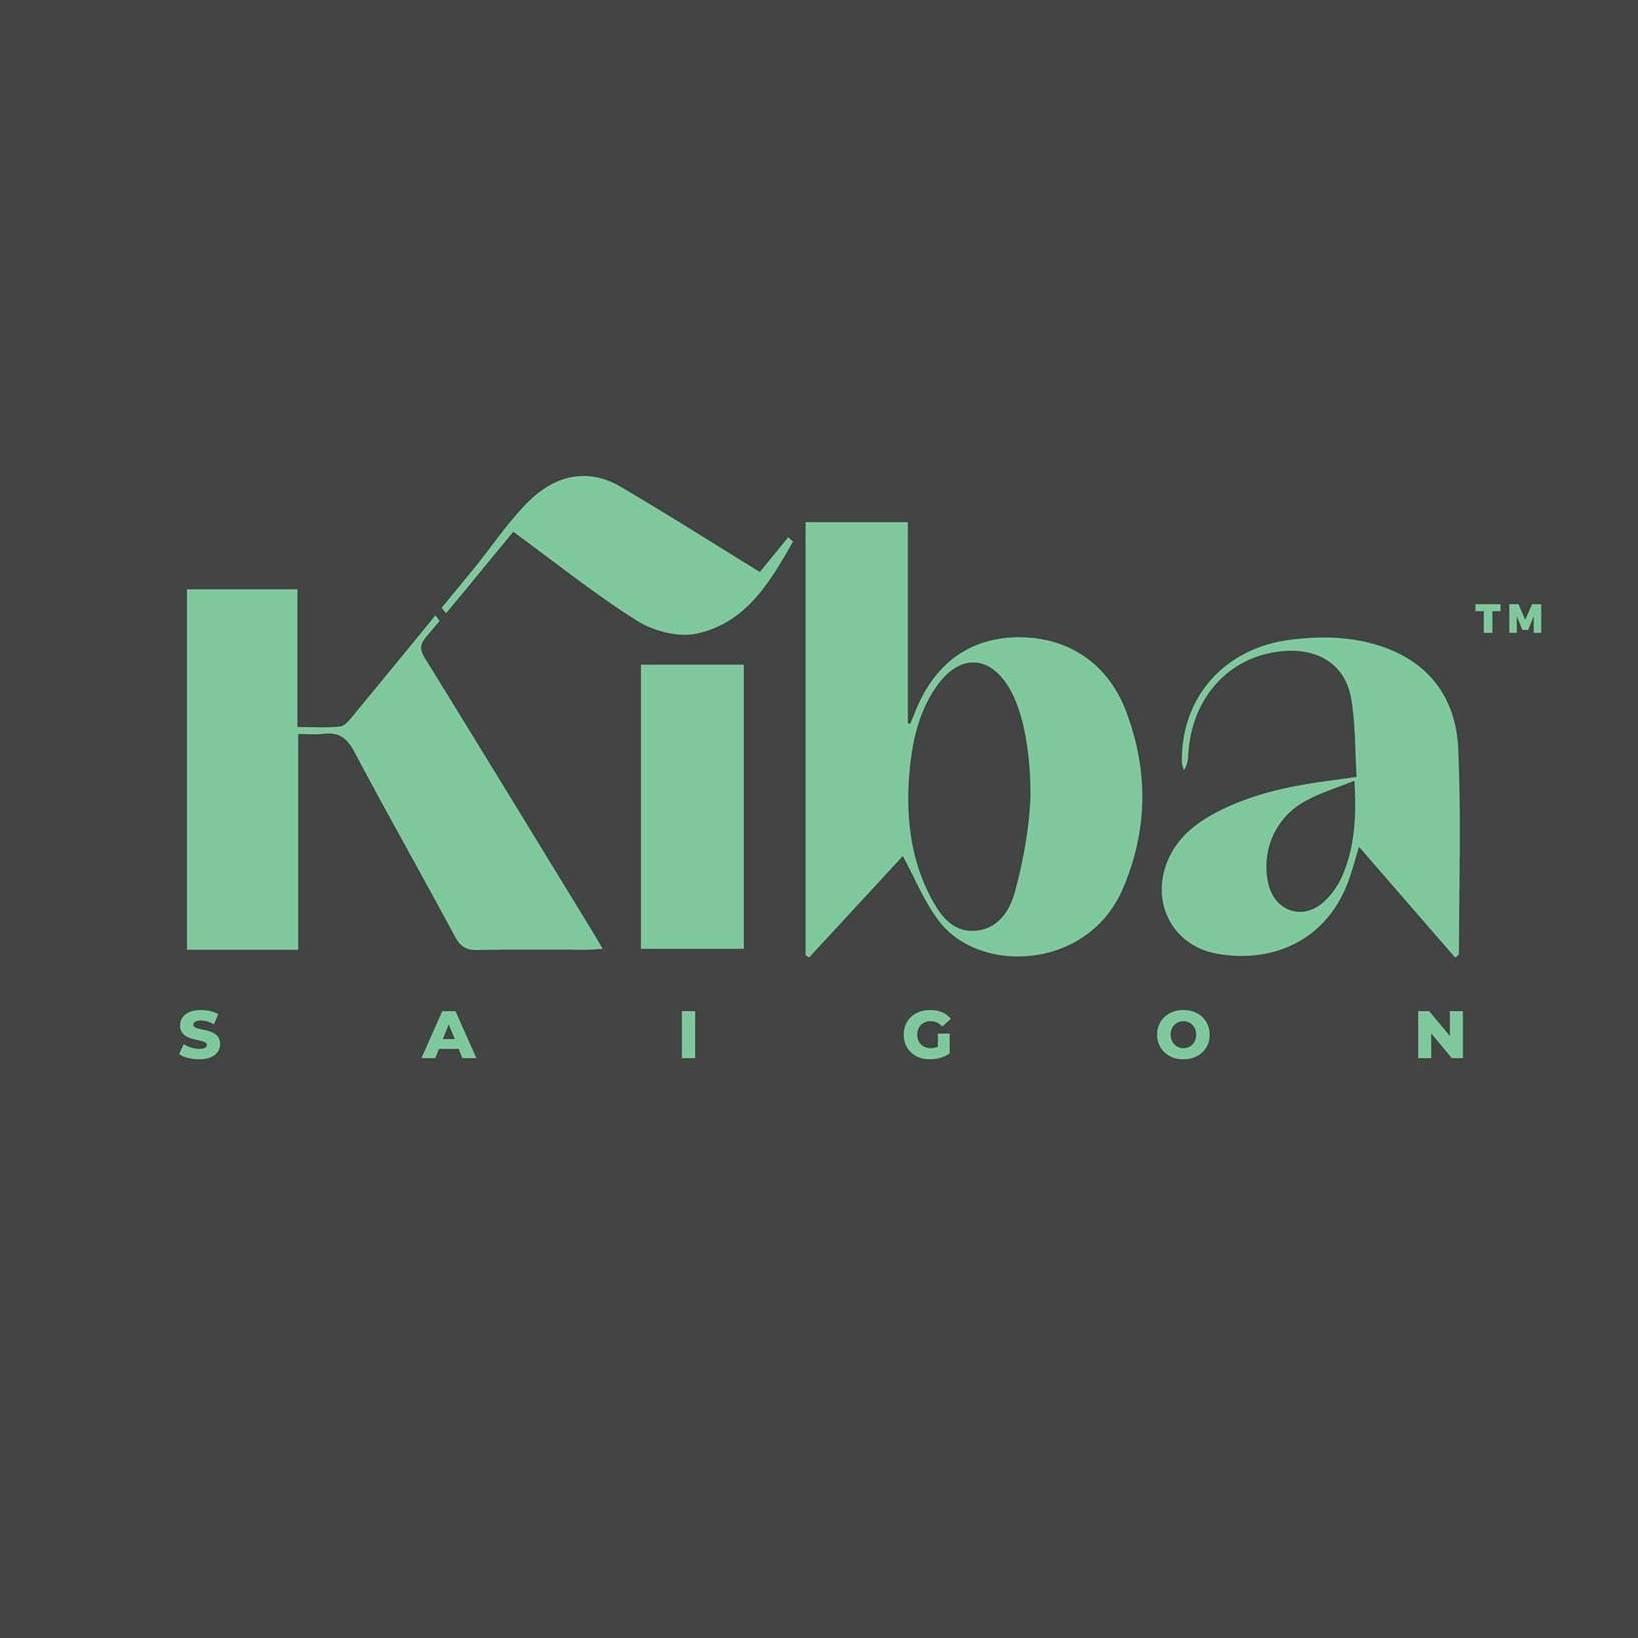 Kiba logo